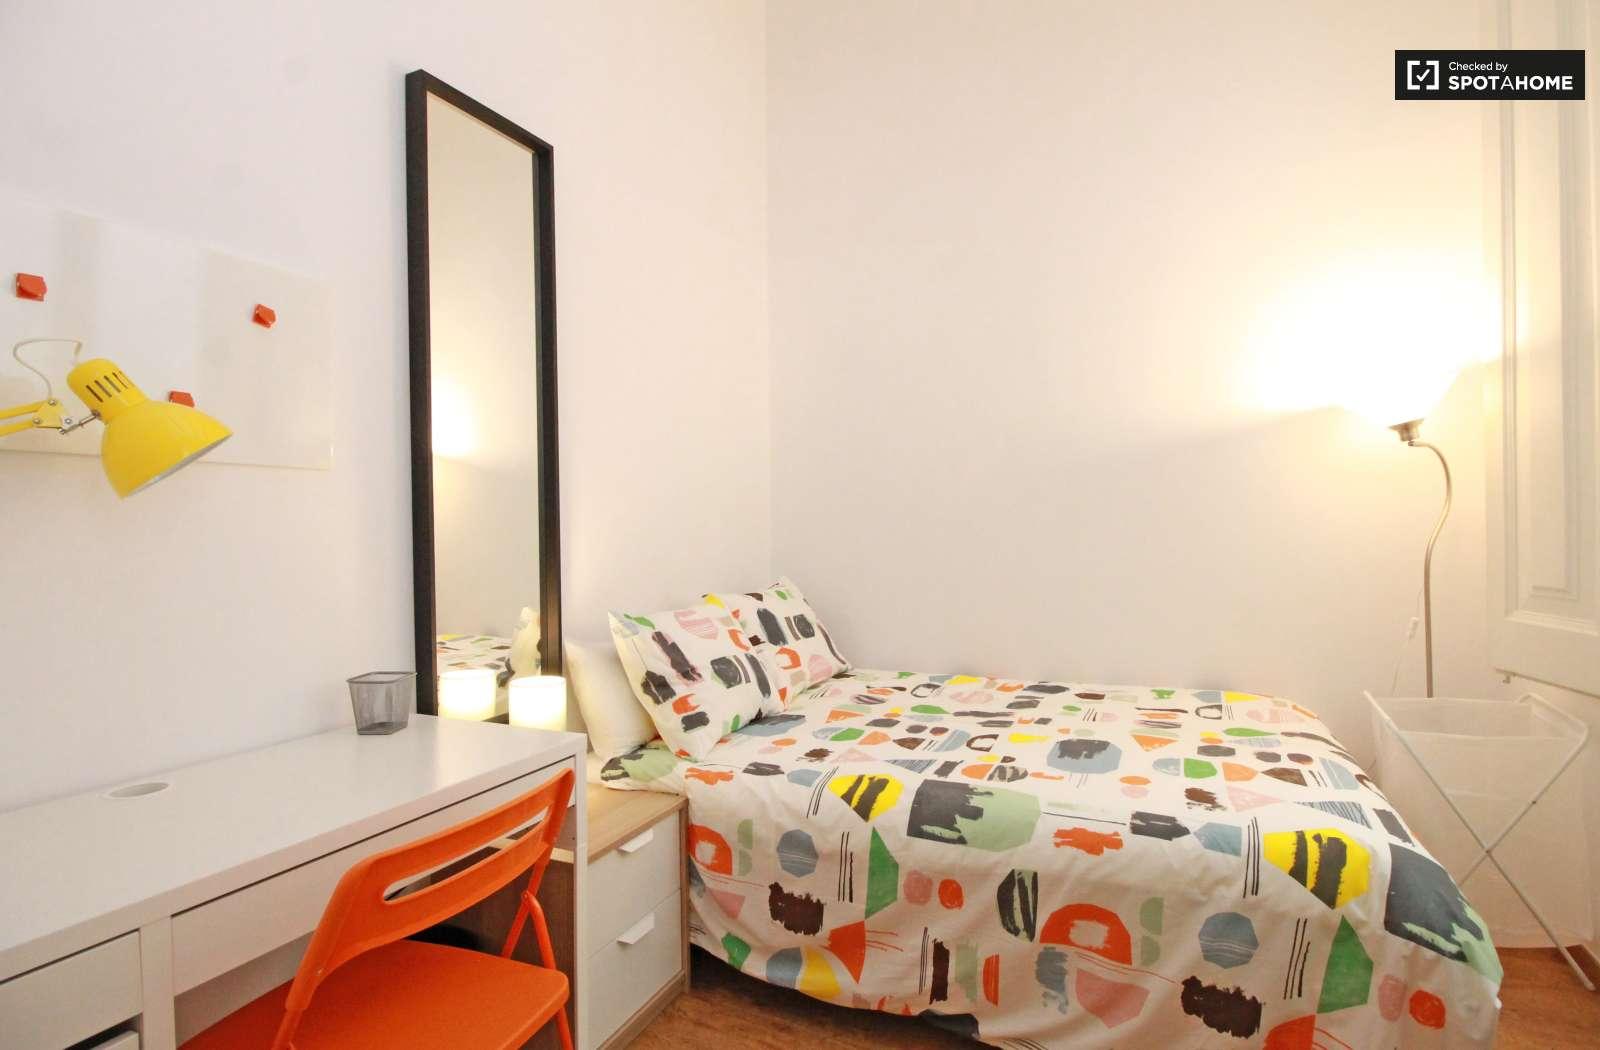 Xavier Room Reservation